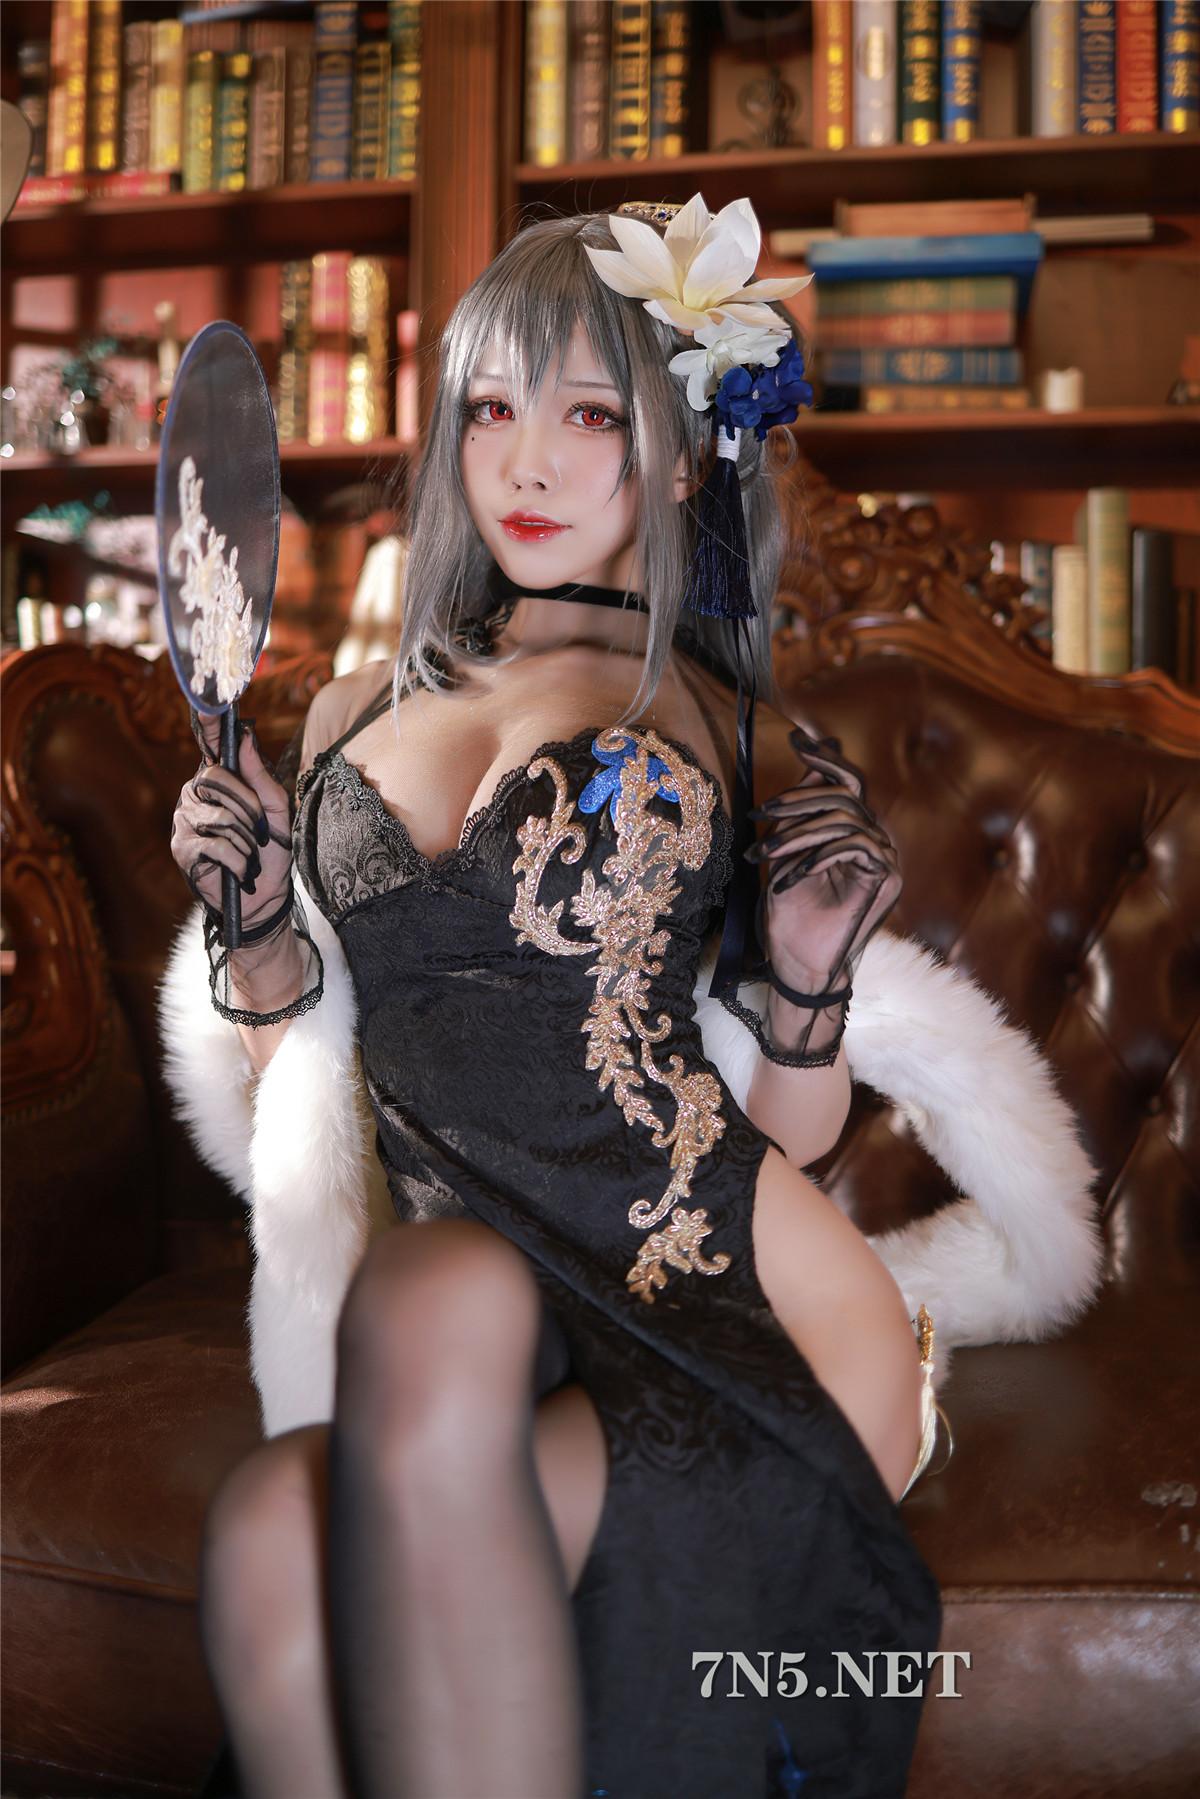 暗黑系COSER少女水淼Aqua,居然在日本也如此受欢迎~